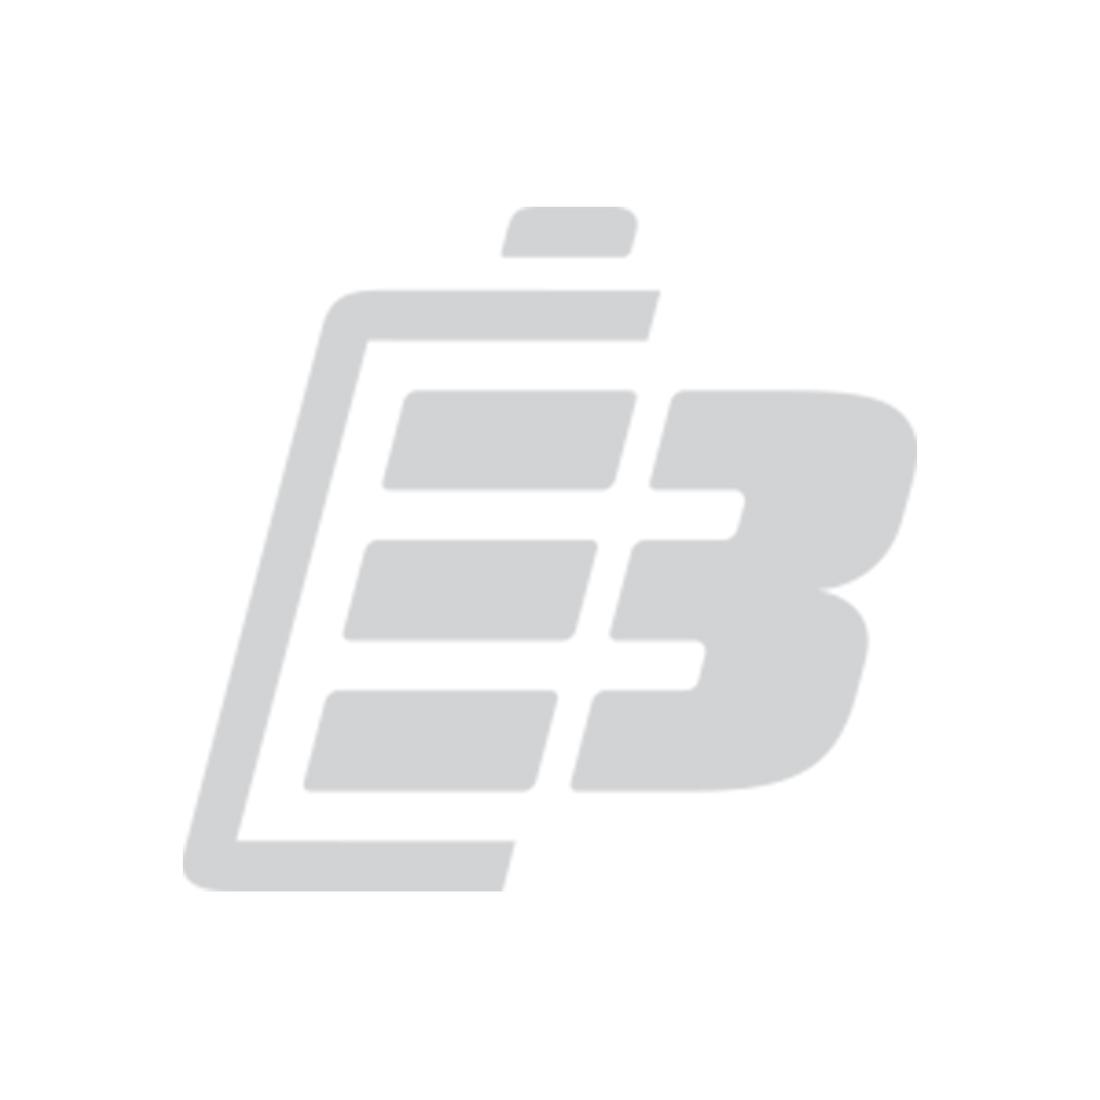 Μπαταρία barcode scanner Symbol LS4278_1